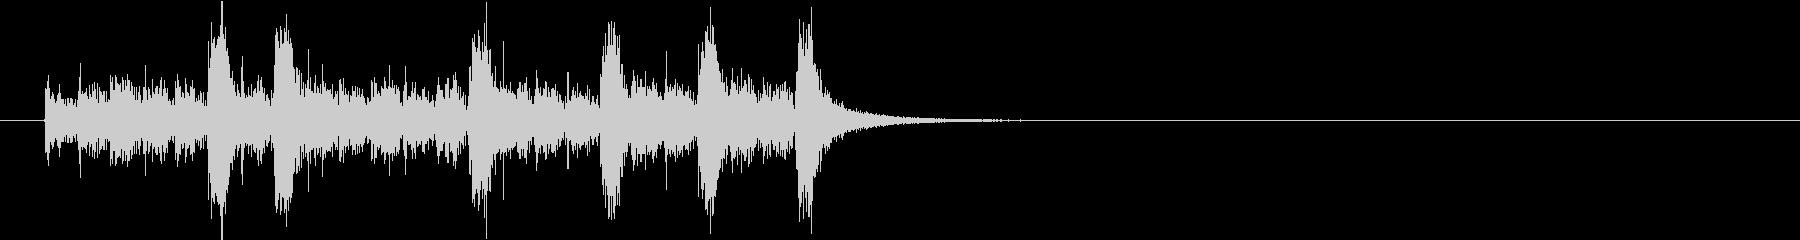 ジングル(SFX風)の未再生の波形